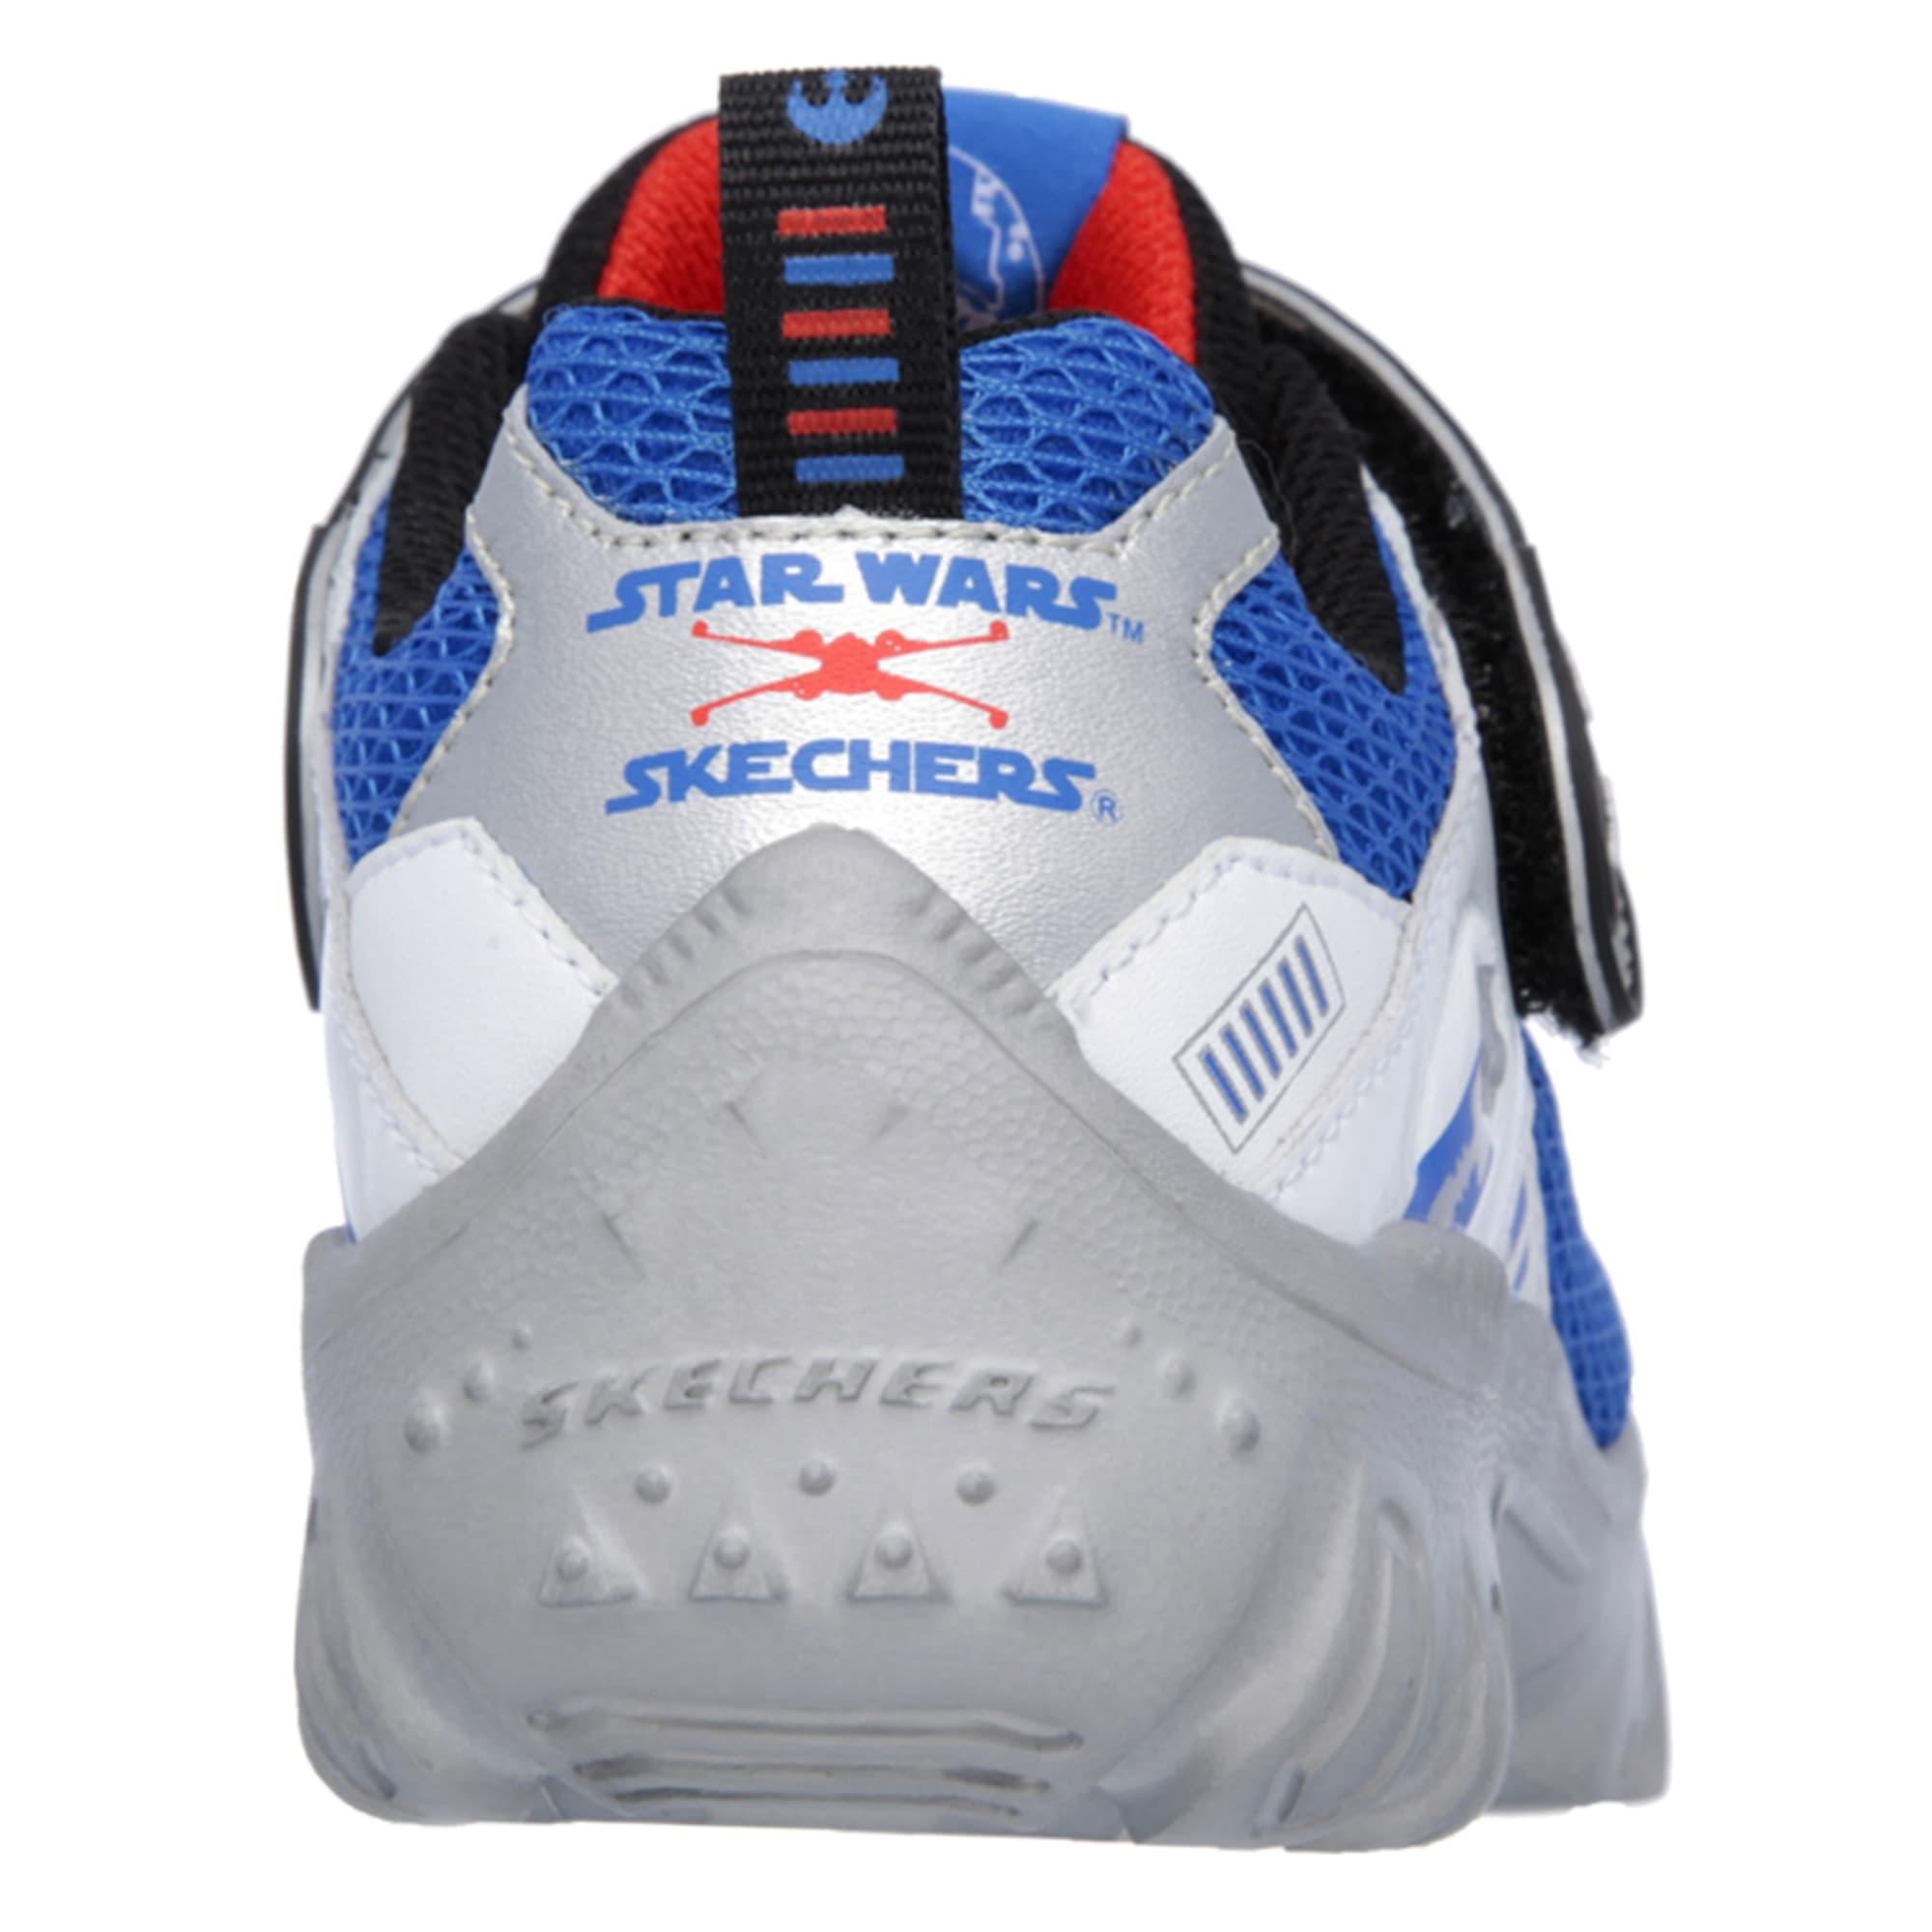 SKECHERS Boys' Star Wars: Damager III Astromech Sneakers